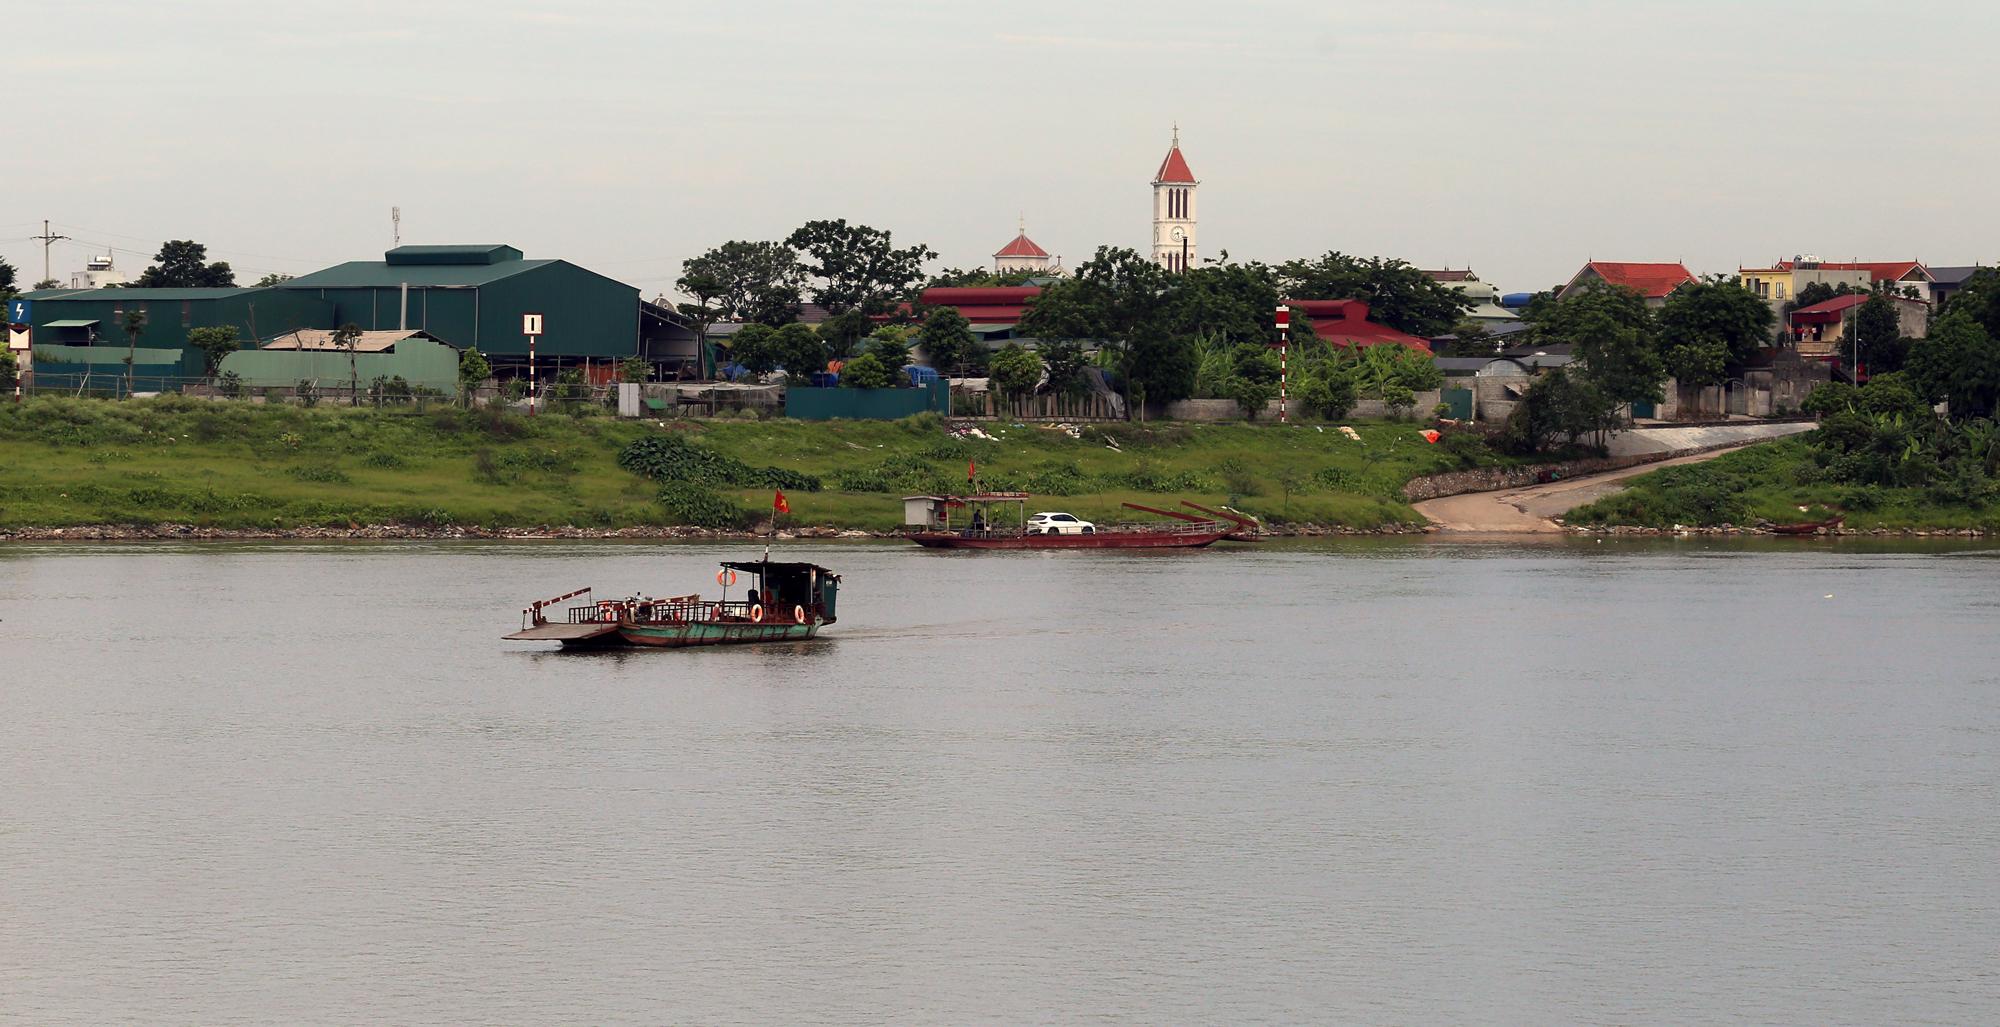 Cầu sẽ mở theo qui hoạch ở Hà Nội: Toàn cảnh vị trí làm cầu Mễ Sở nối Văn Giang - Thường Tín - Ảnh 11.